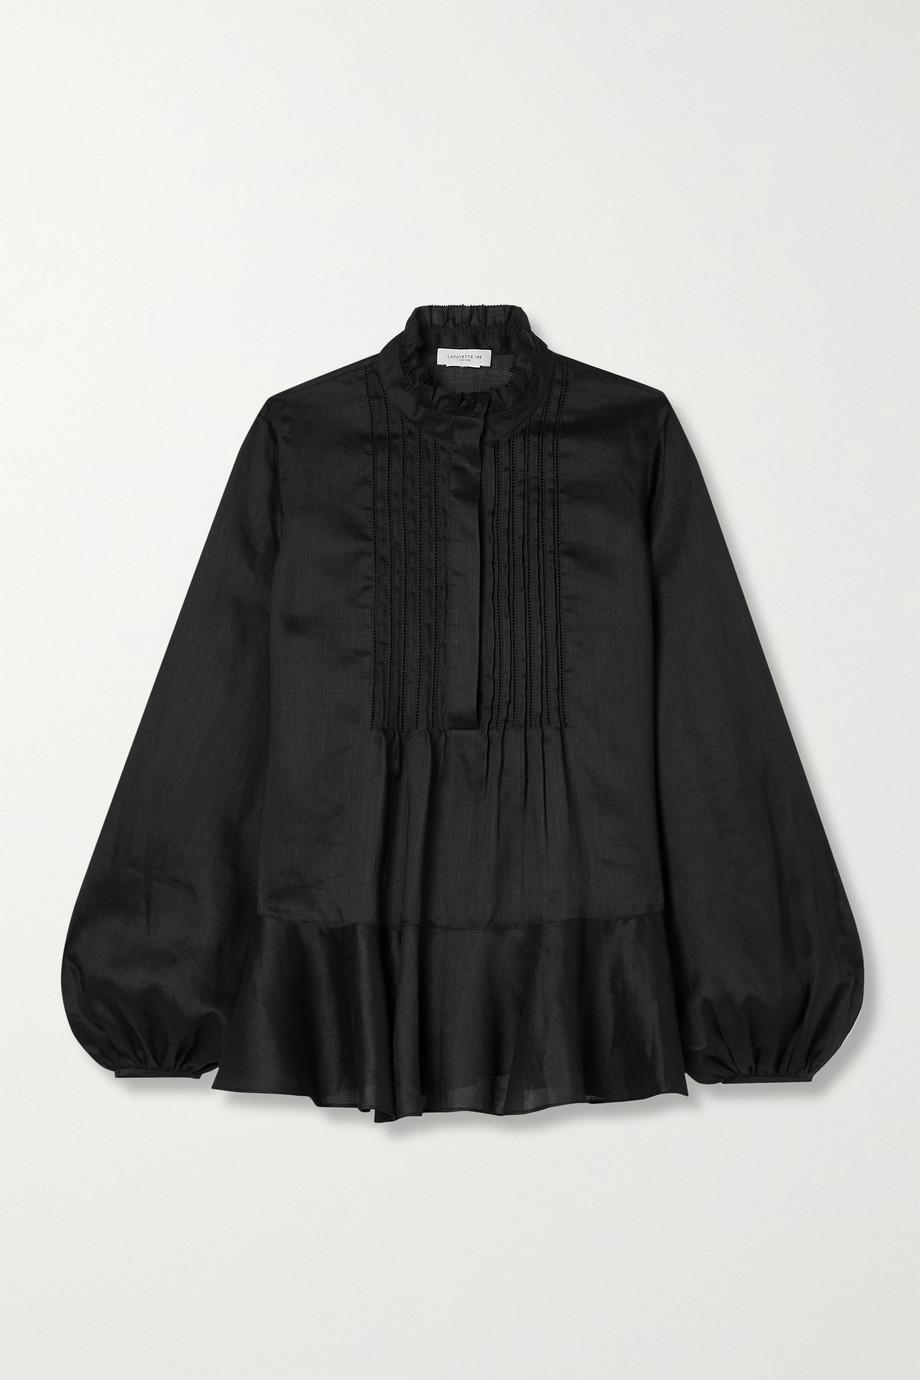 Lafayette 148 Raines Bluse aus einer Mischung aus Ramie und Tencel™ Lyocell mit Rüschen